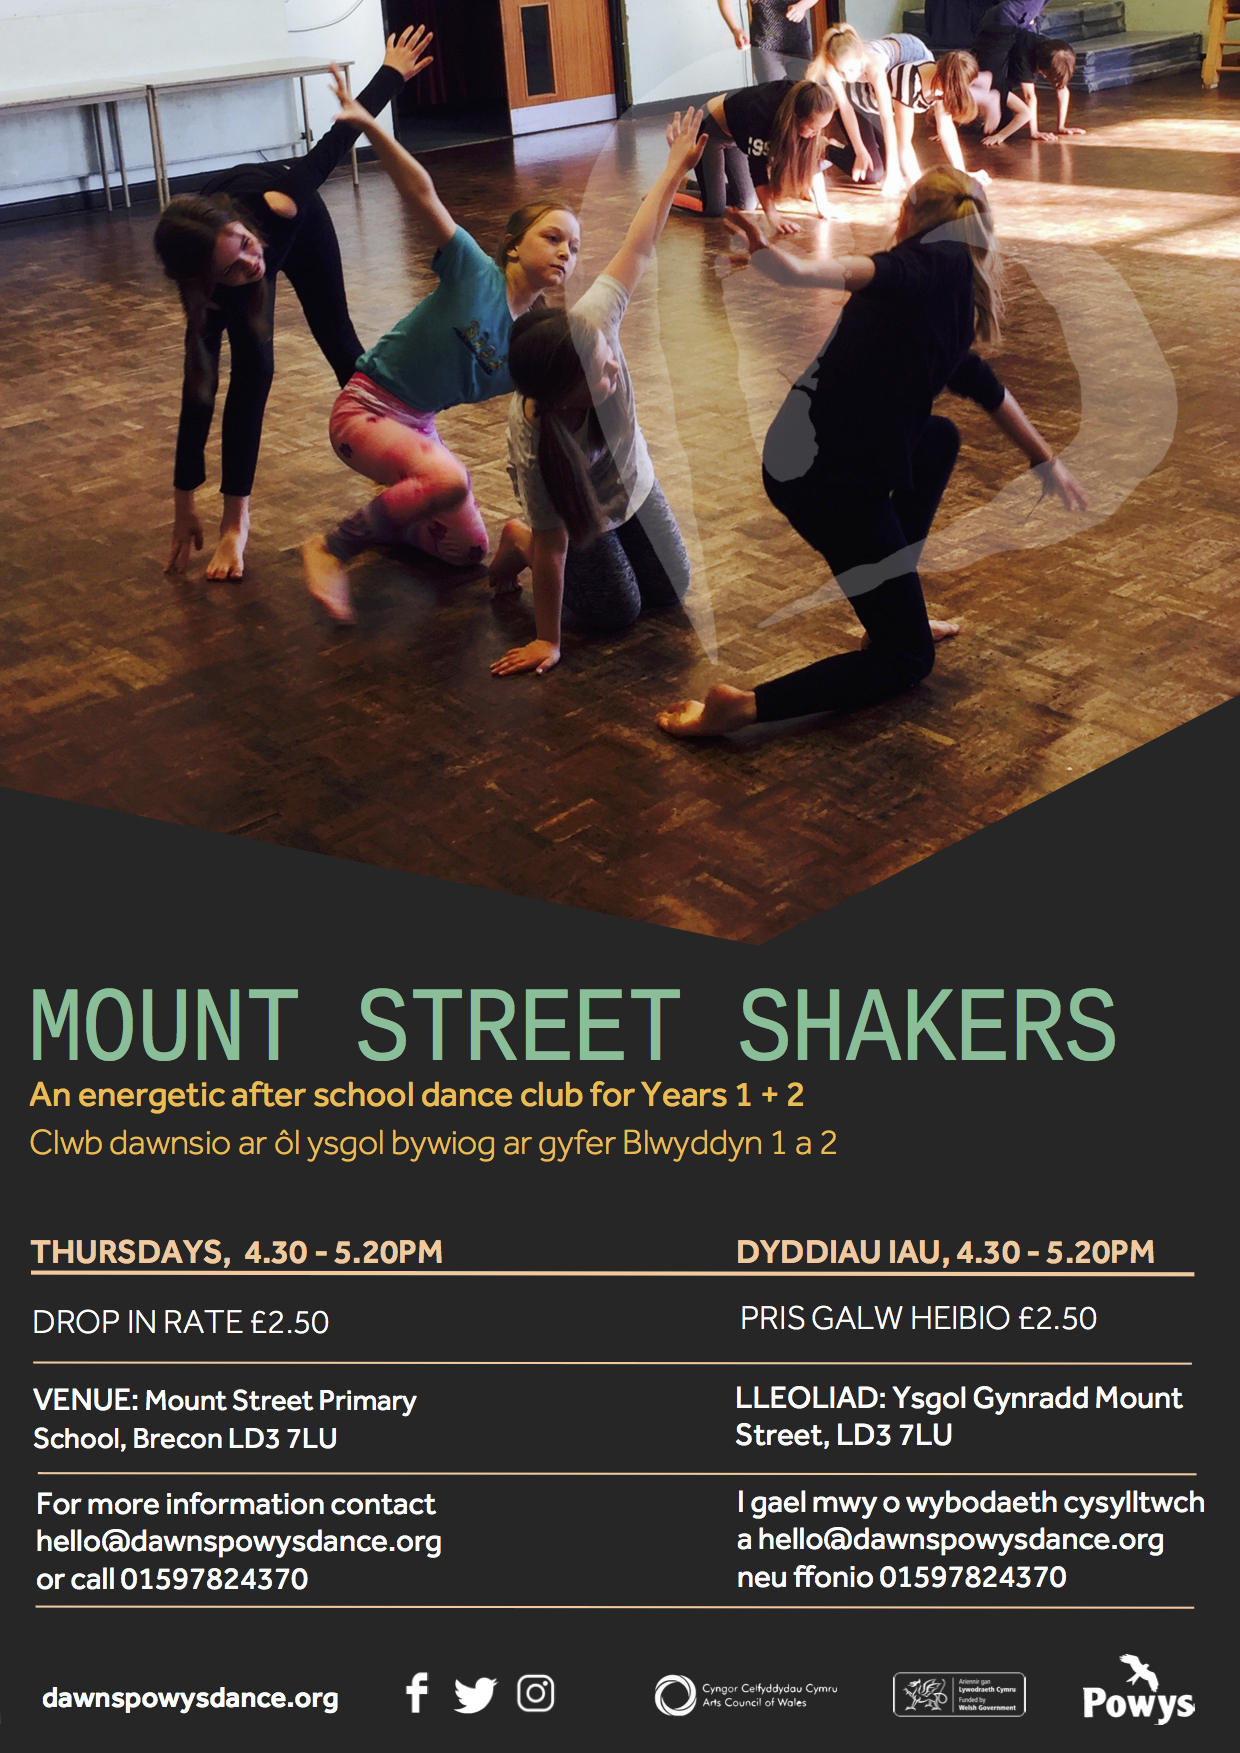 Mount Street Shakers 2017.jpg